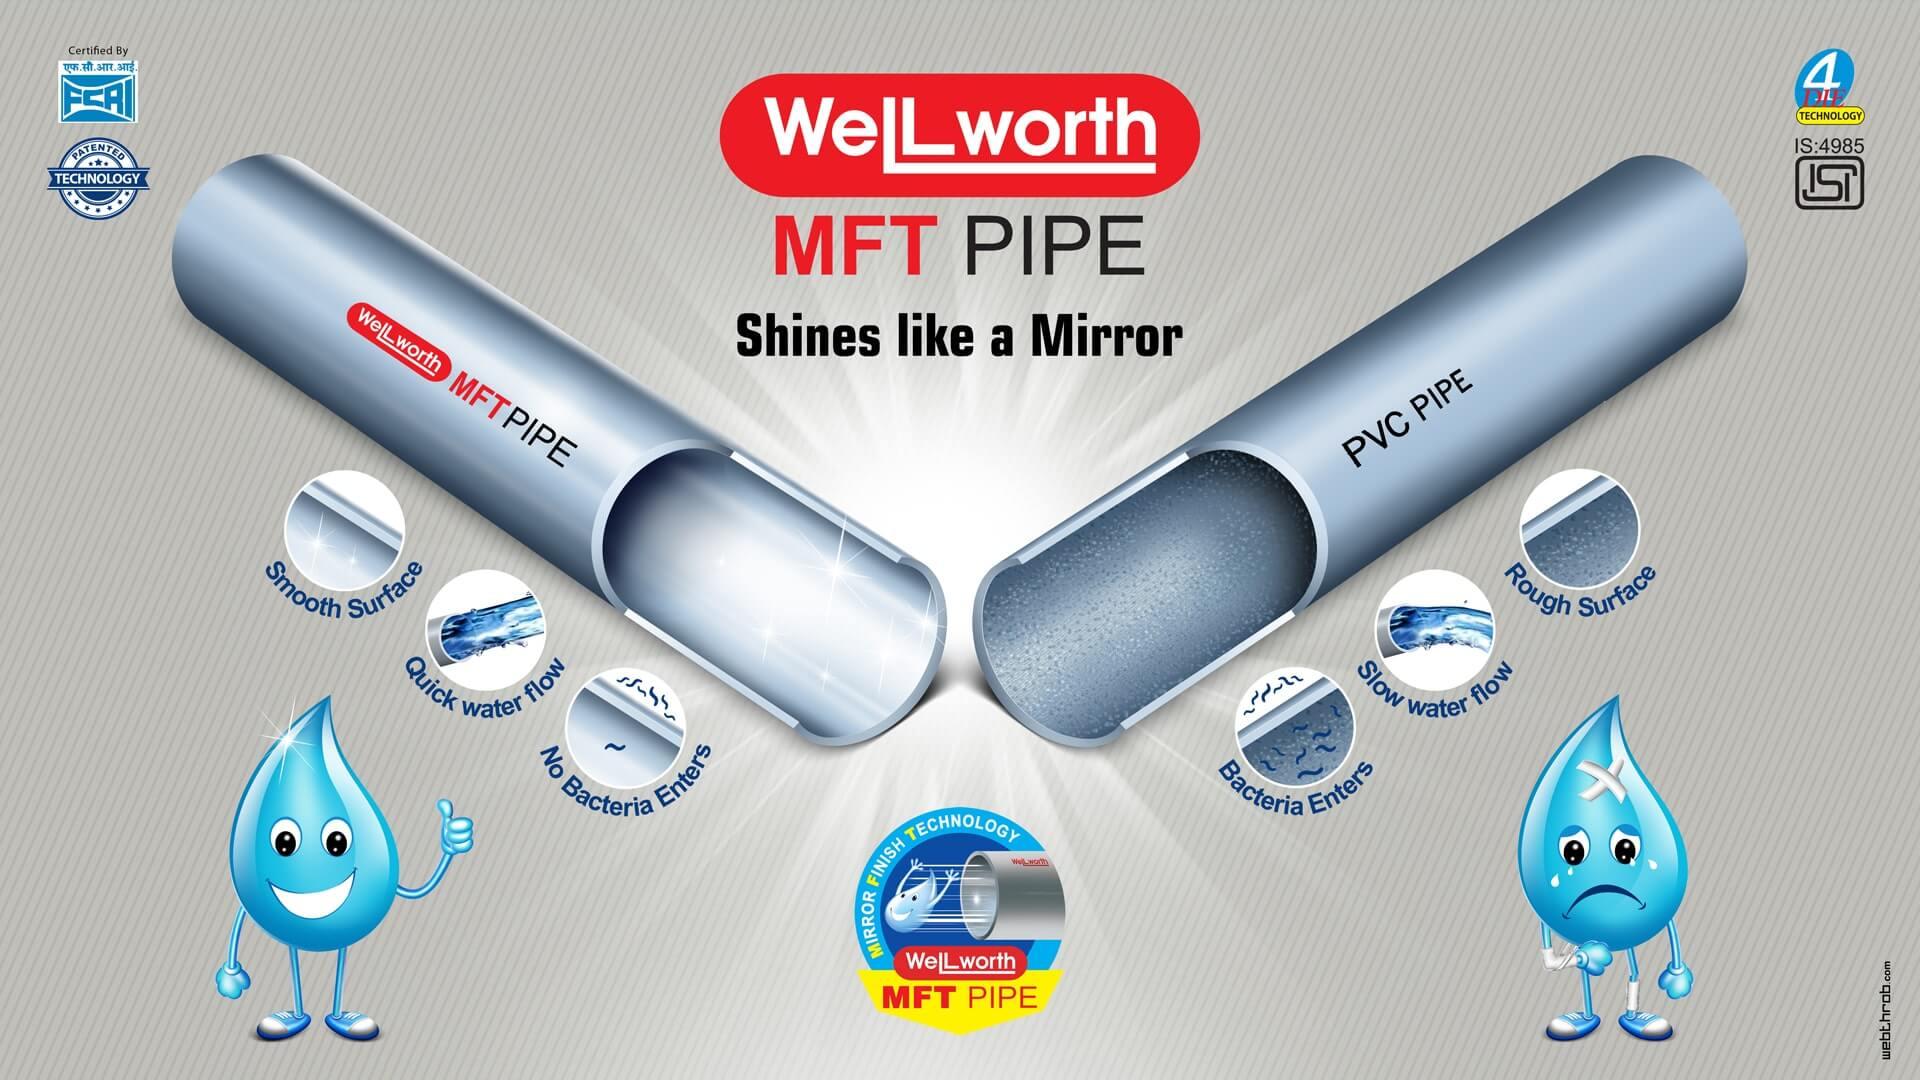 Wellworth MFT Pipes Main Webthrob Advertising Agency in Kerala Website Designing Agency in Kerala Social Media Marketing +917034034444-min